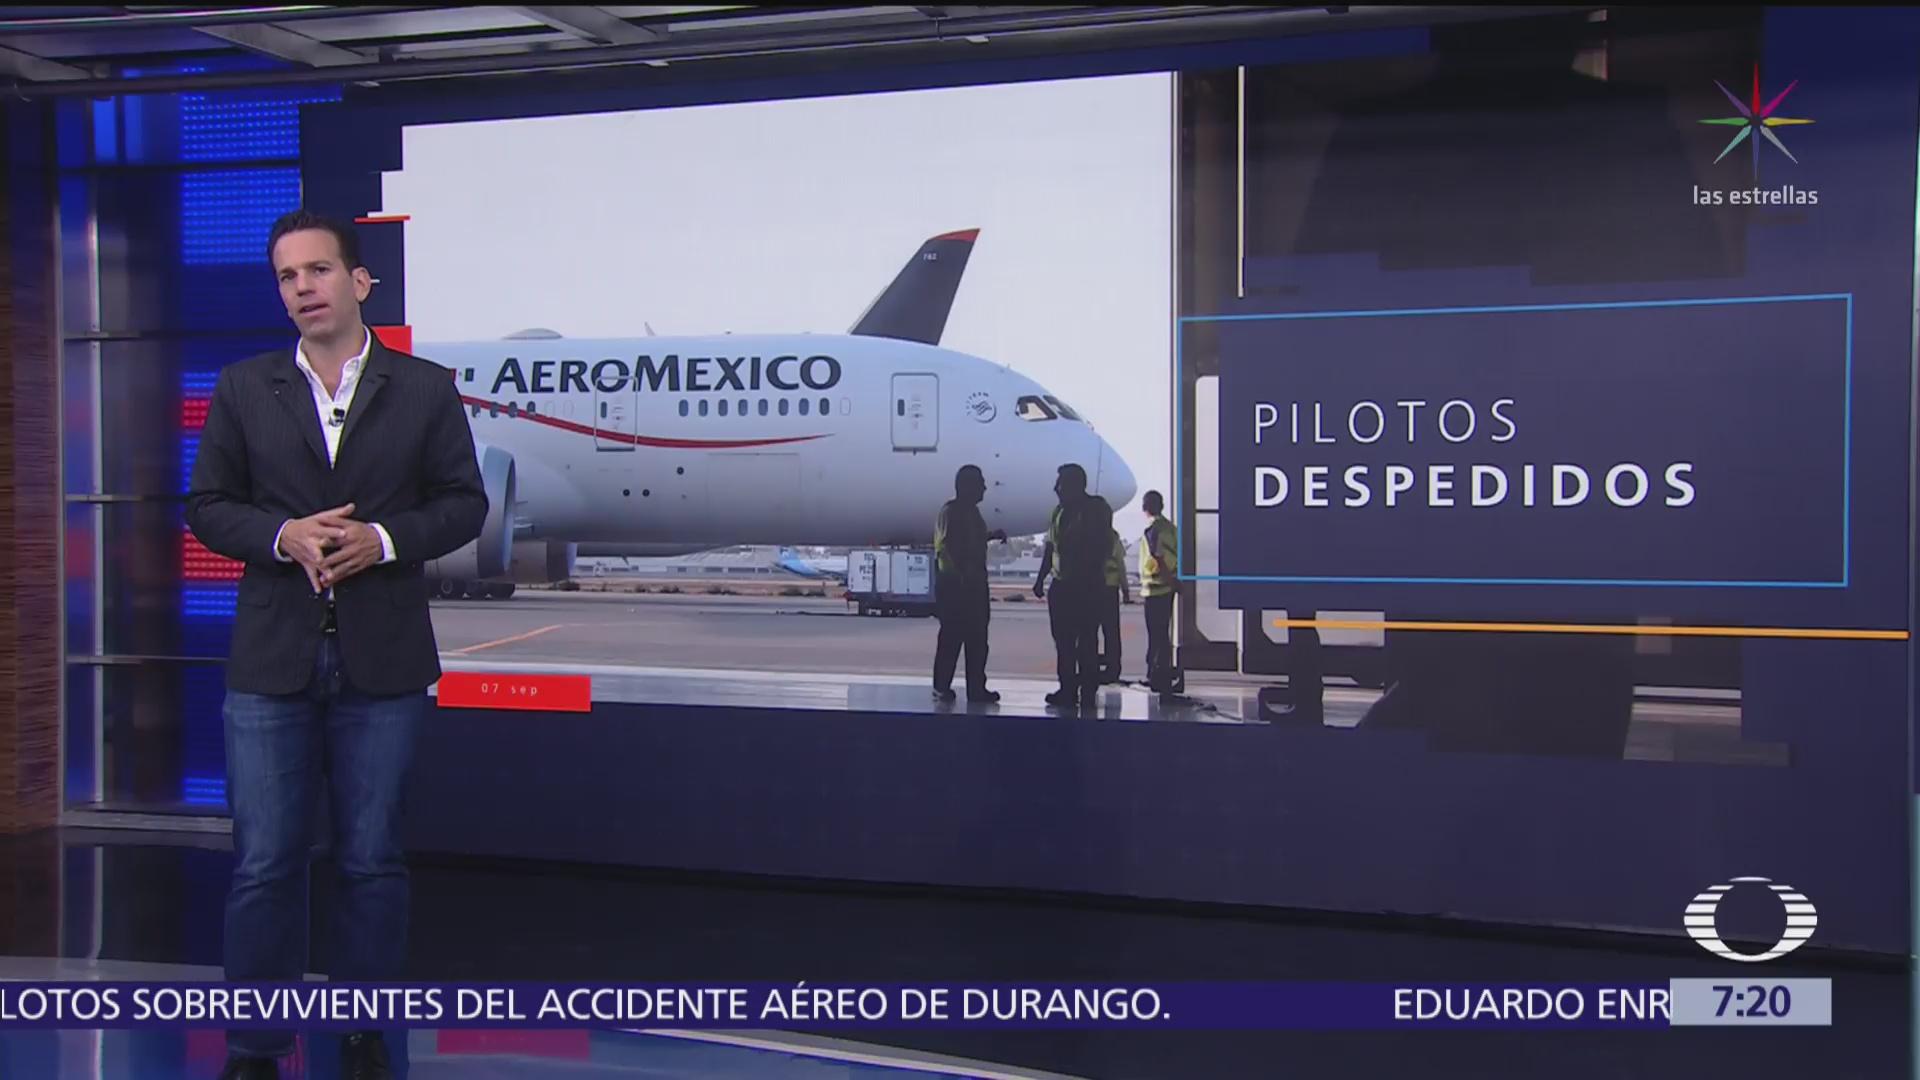 Aeroméxico despide a los 3 pilotos del accidente en Durango